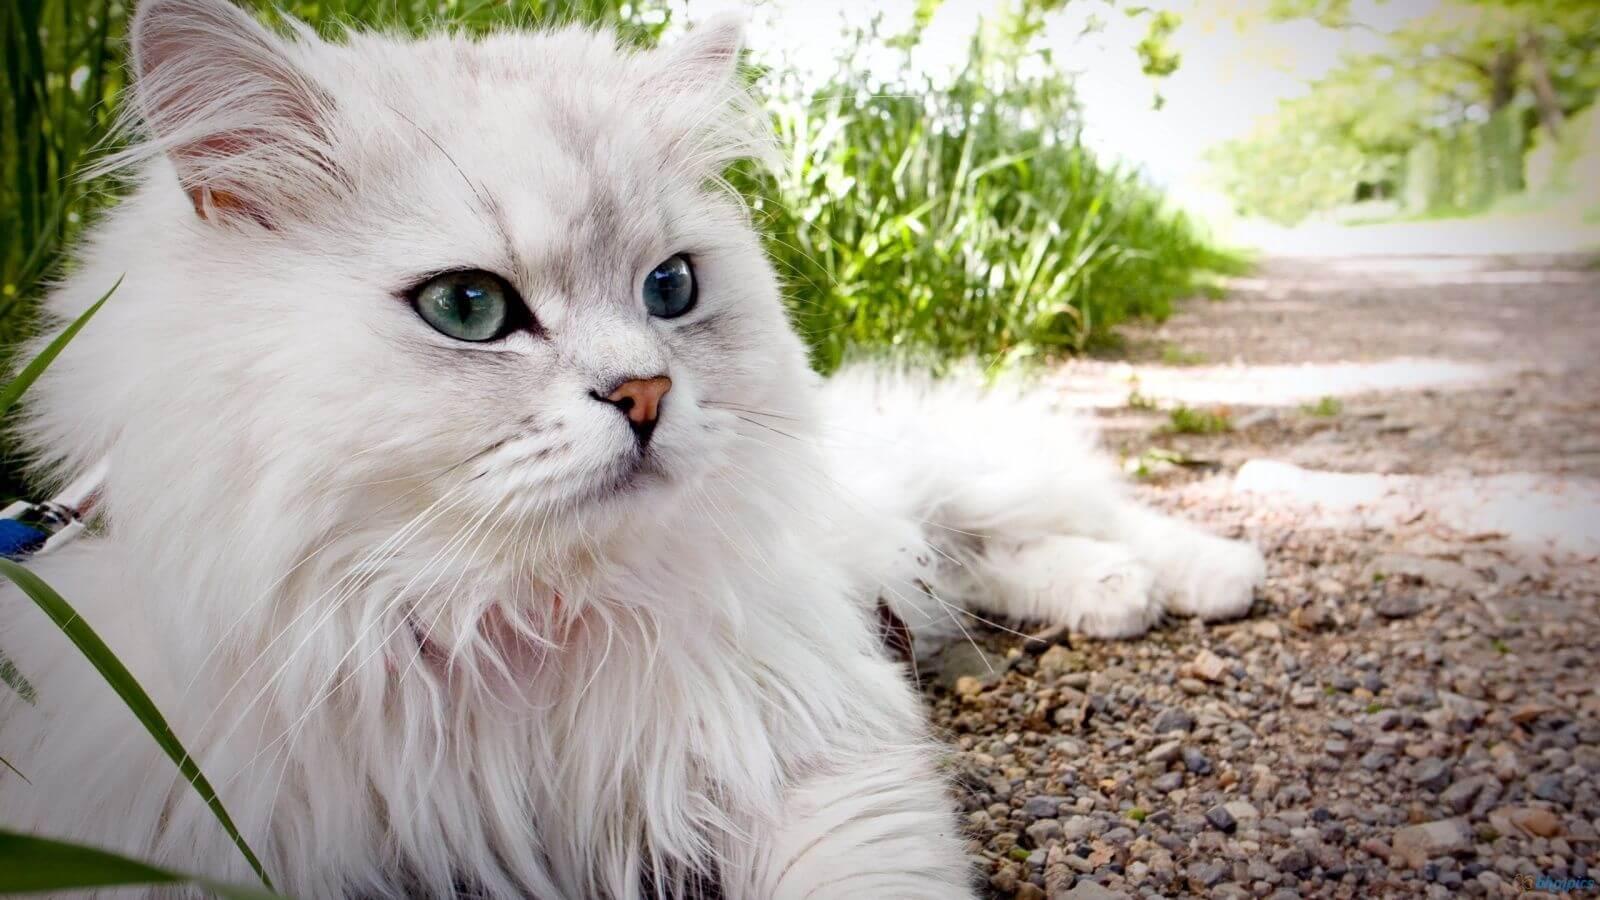 karakter kucing persia peaknose